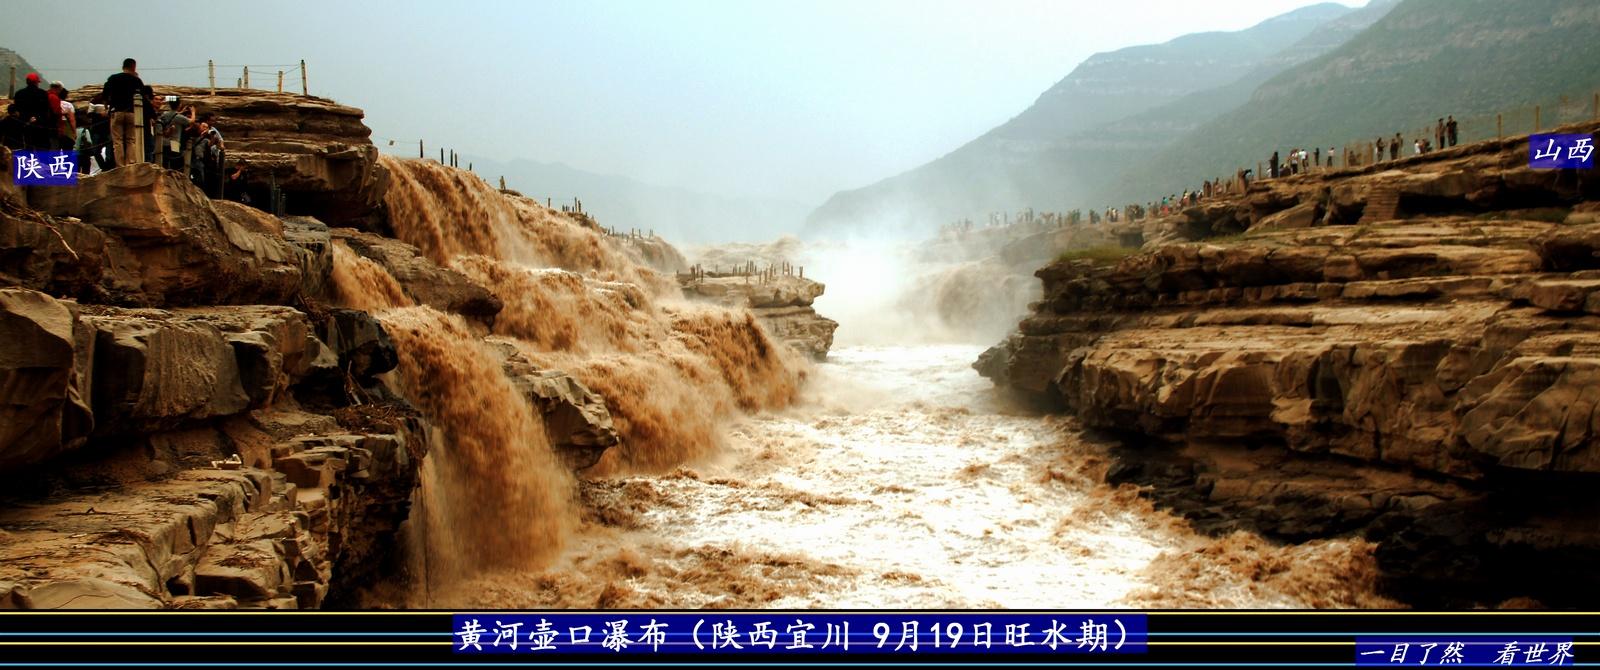 黄河壶口瀑布-06-1600.jpg